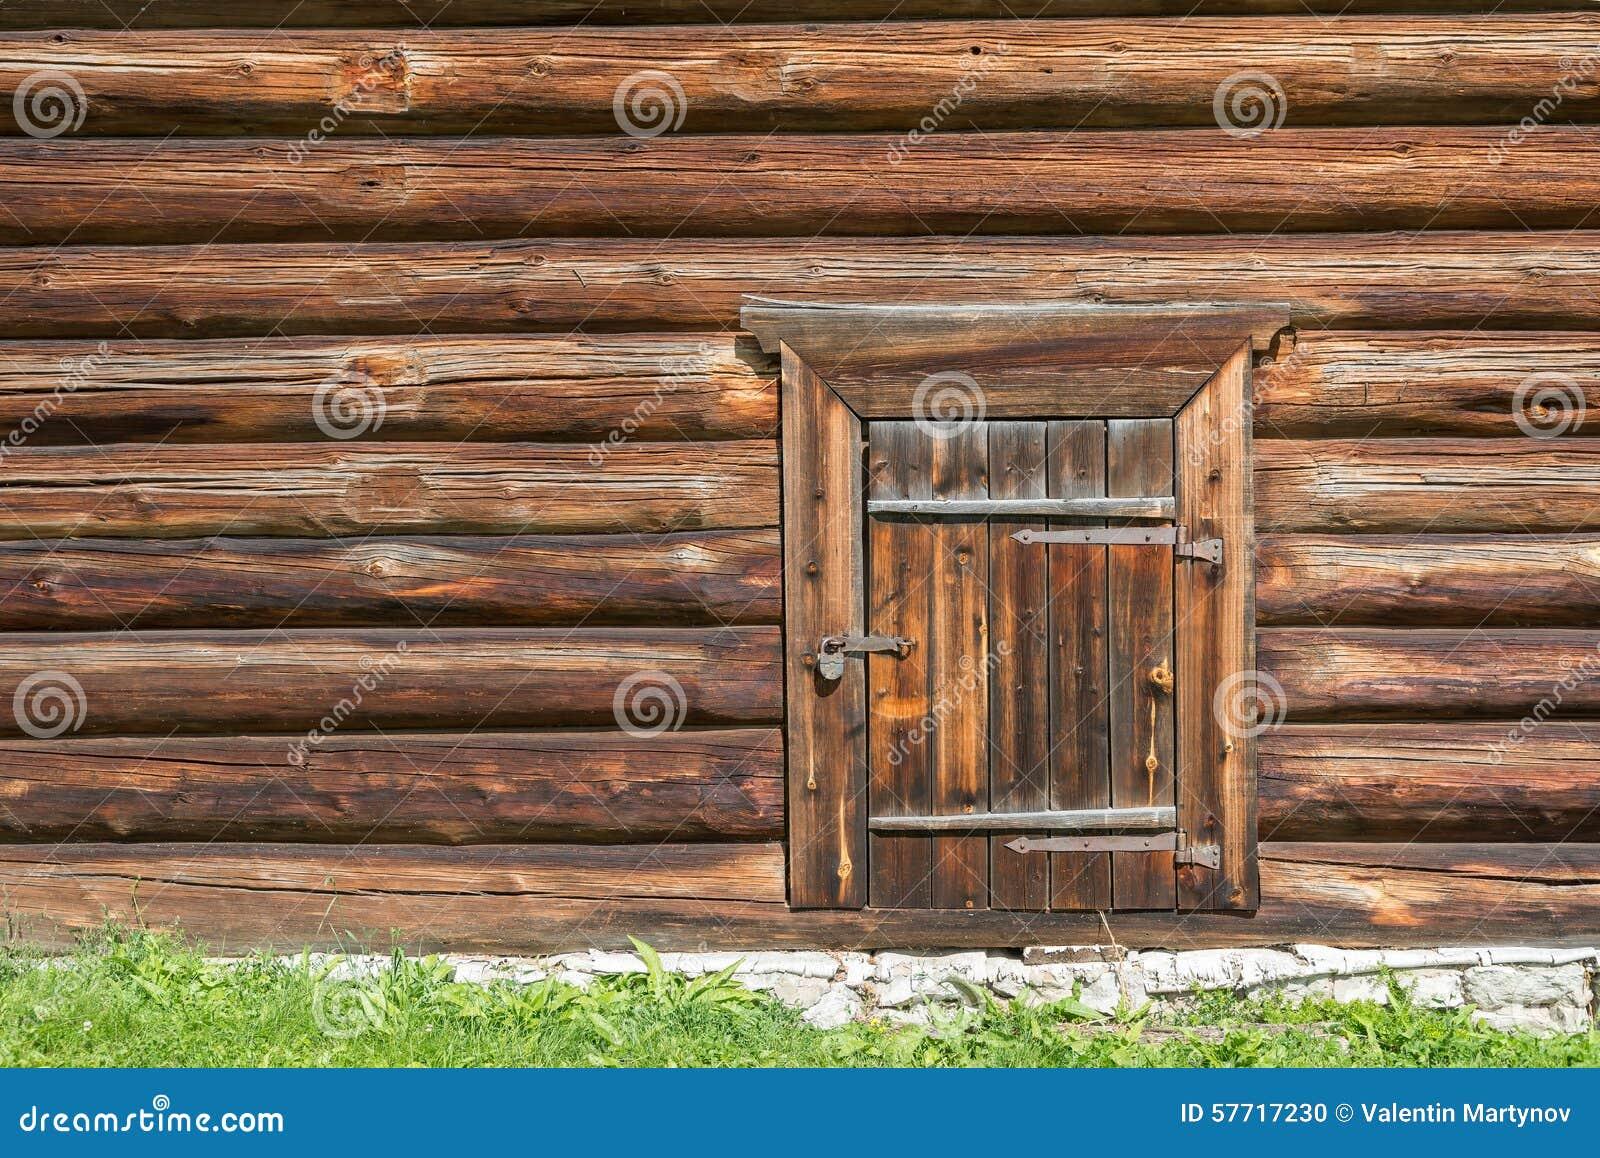 mur en bois de vieille cabane en rondins avec la porte ferm e et cadenas l dessus photo stock. Black Bedroom Furniture Sets. Home Design Ideas